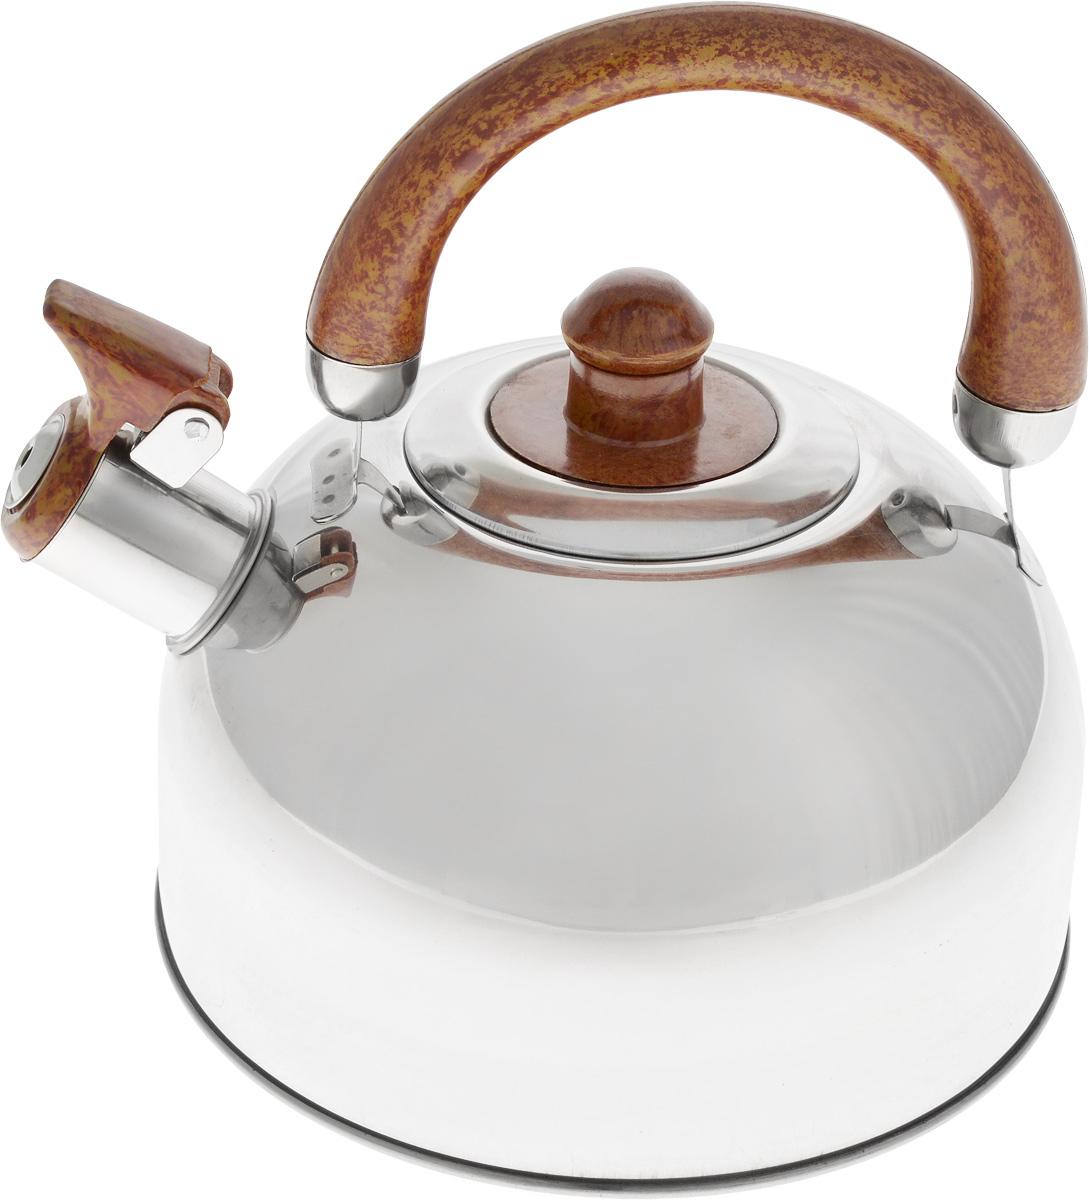 Чайник Bohmann, со свистком, 2,5 л. 622BHL54 009312Чайник Bohmann изготовлен из высококачественной нержавеющей стали с зеркальной полировкой. Нержавеющая сталь - материал, из которого в течение нескольких десятилетий во всем мире производятся столовые приборы, кухонные инструменты и различные аксессуары. Этот материал обладает высокой стойкостью к коррозии и кислотам. Прочность, долговечность и надежность этого материала, а также первоклассная обработка обеспечивают практически неограниченный запас прочности и неизменно привлекательный внешний вид. Чайник оснащен удобной фиксированной ручкой, выполненной из бакелита с рисунком под дерево. Носик чайника имеет откидной свисток, который подскажет, когда вода закипела. Можно использовать на газовых, электрических, галогеновых, стеклокерамических, индукционных плитах. Можно мыть в посудомоечной машине.Высота чайника (без учета ручки и крышки): 11 см.Высота чайника (с учетом ручки): 20 см.Диаметр основания чайника: 19 см.Диаметр чайника (по верхнему краю): 8,5 см.